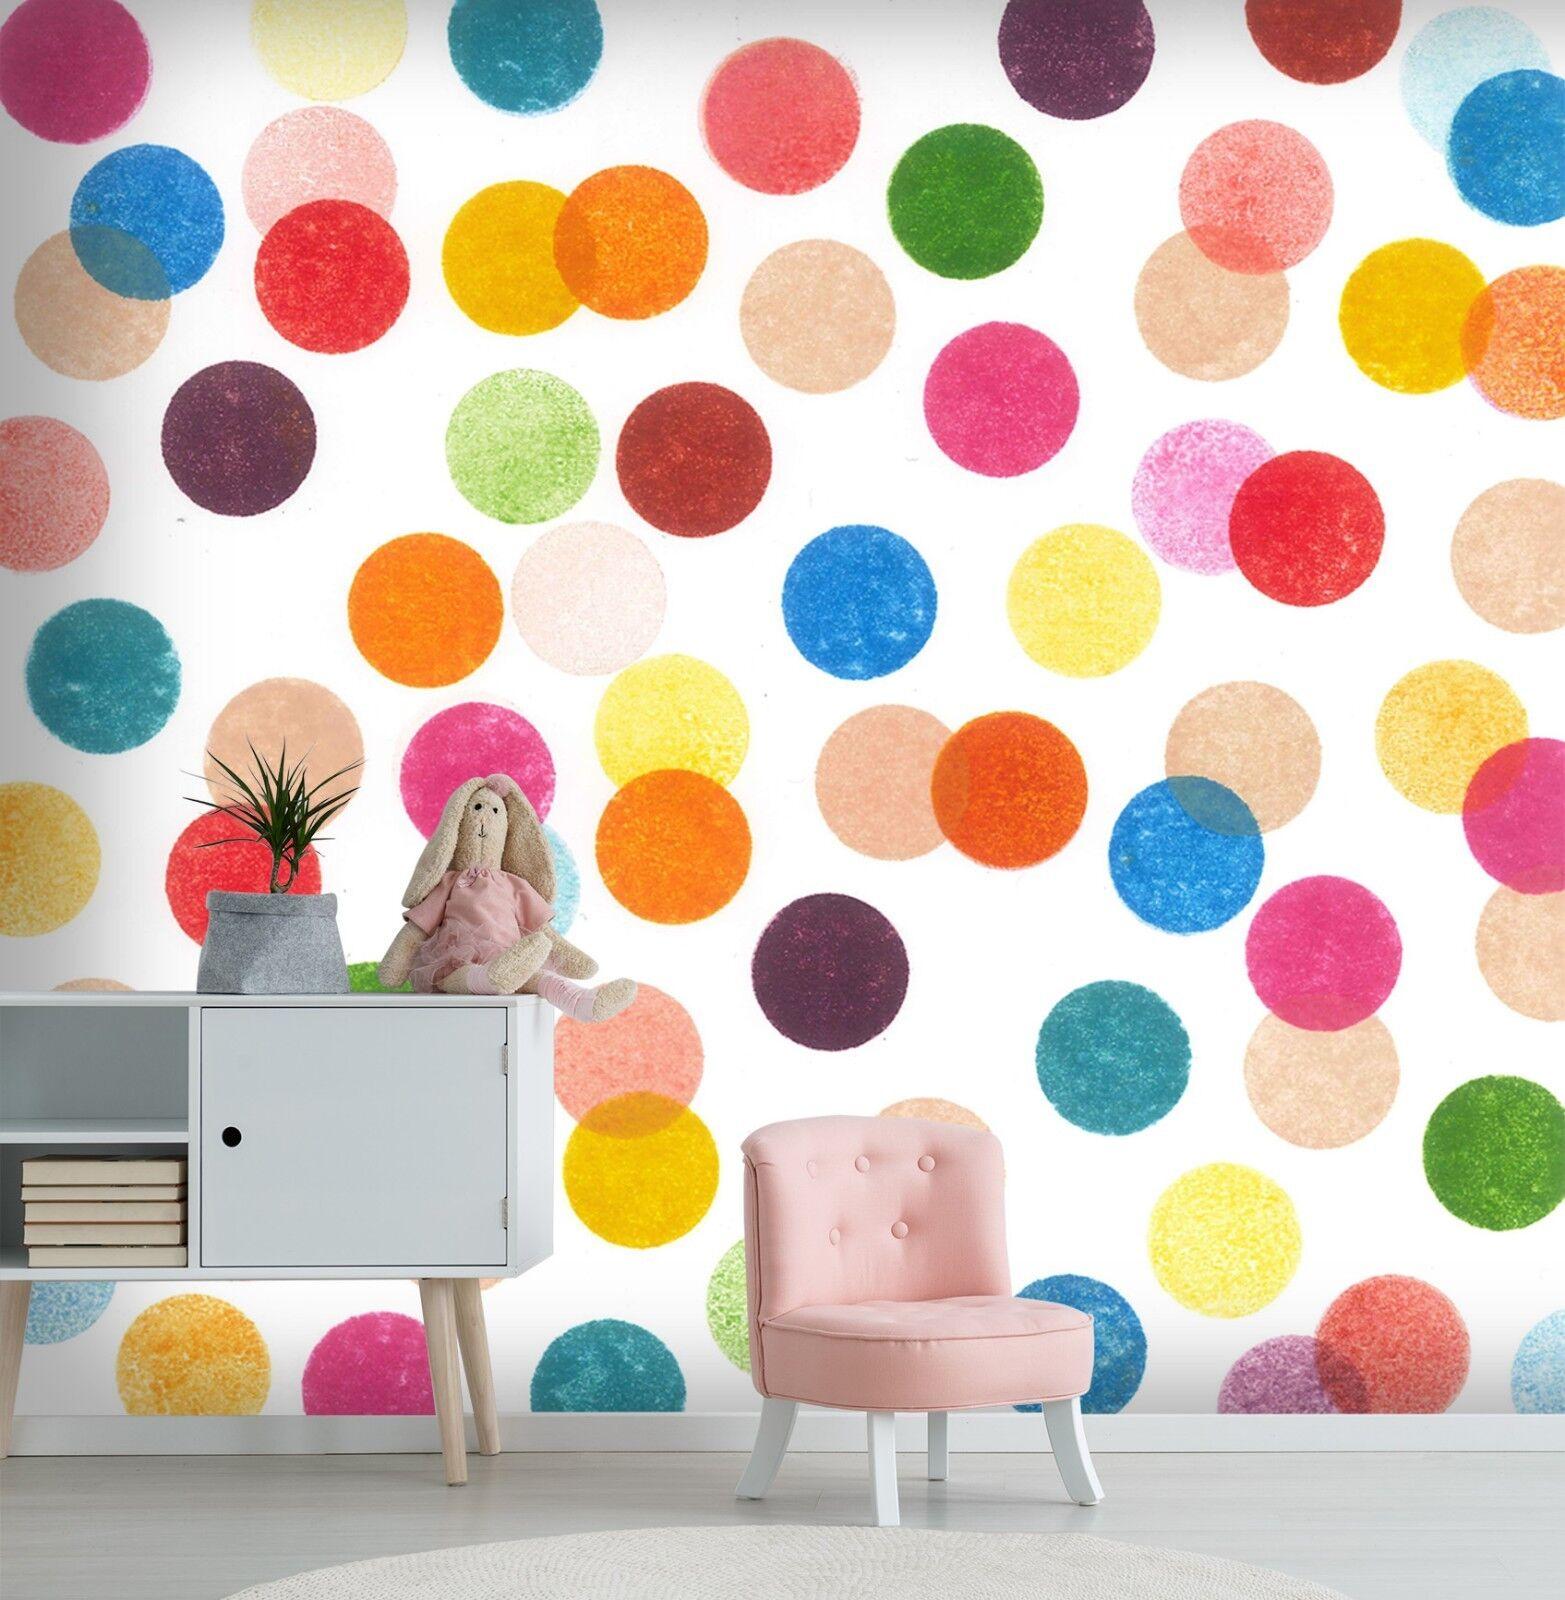 3D Gefärbt Gefärbt Gefärbt Punkt 869 Tapete Wandgemälde Tapete Tapeten Bild Familie DE Sidney  | Konzentrieren Sie sich auf das Babyleben  | Langfristiger Ruf  | Billig ideal  543942